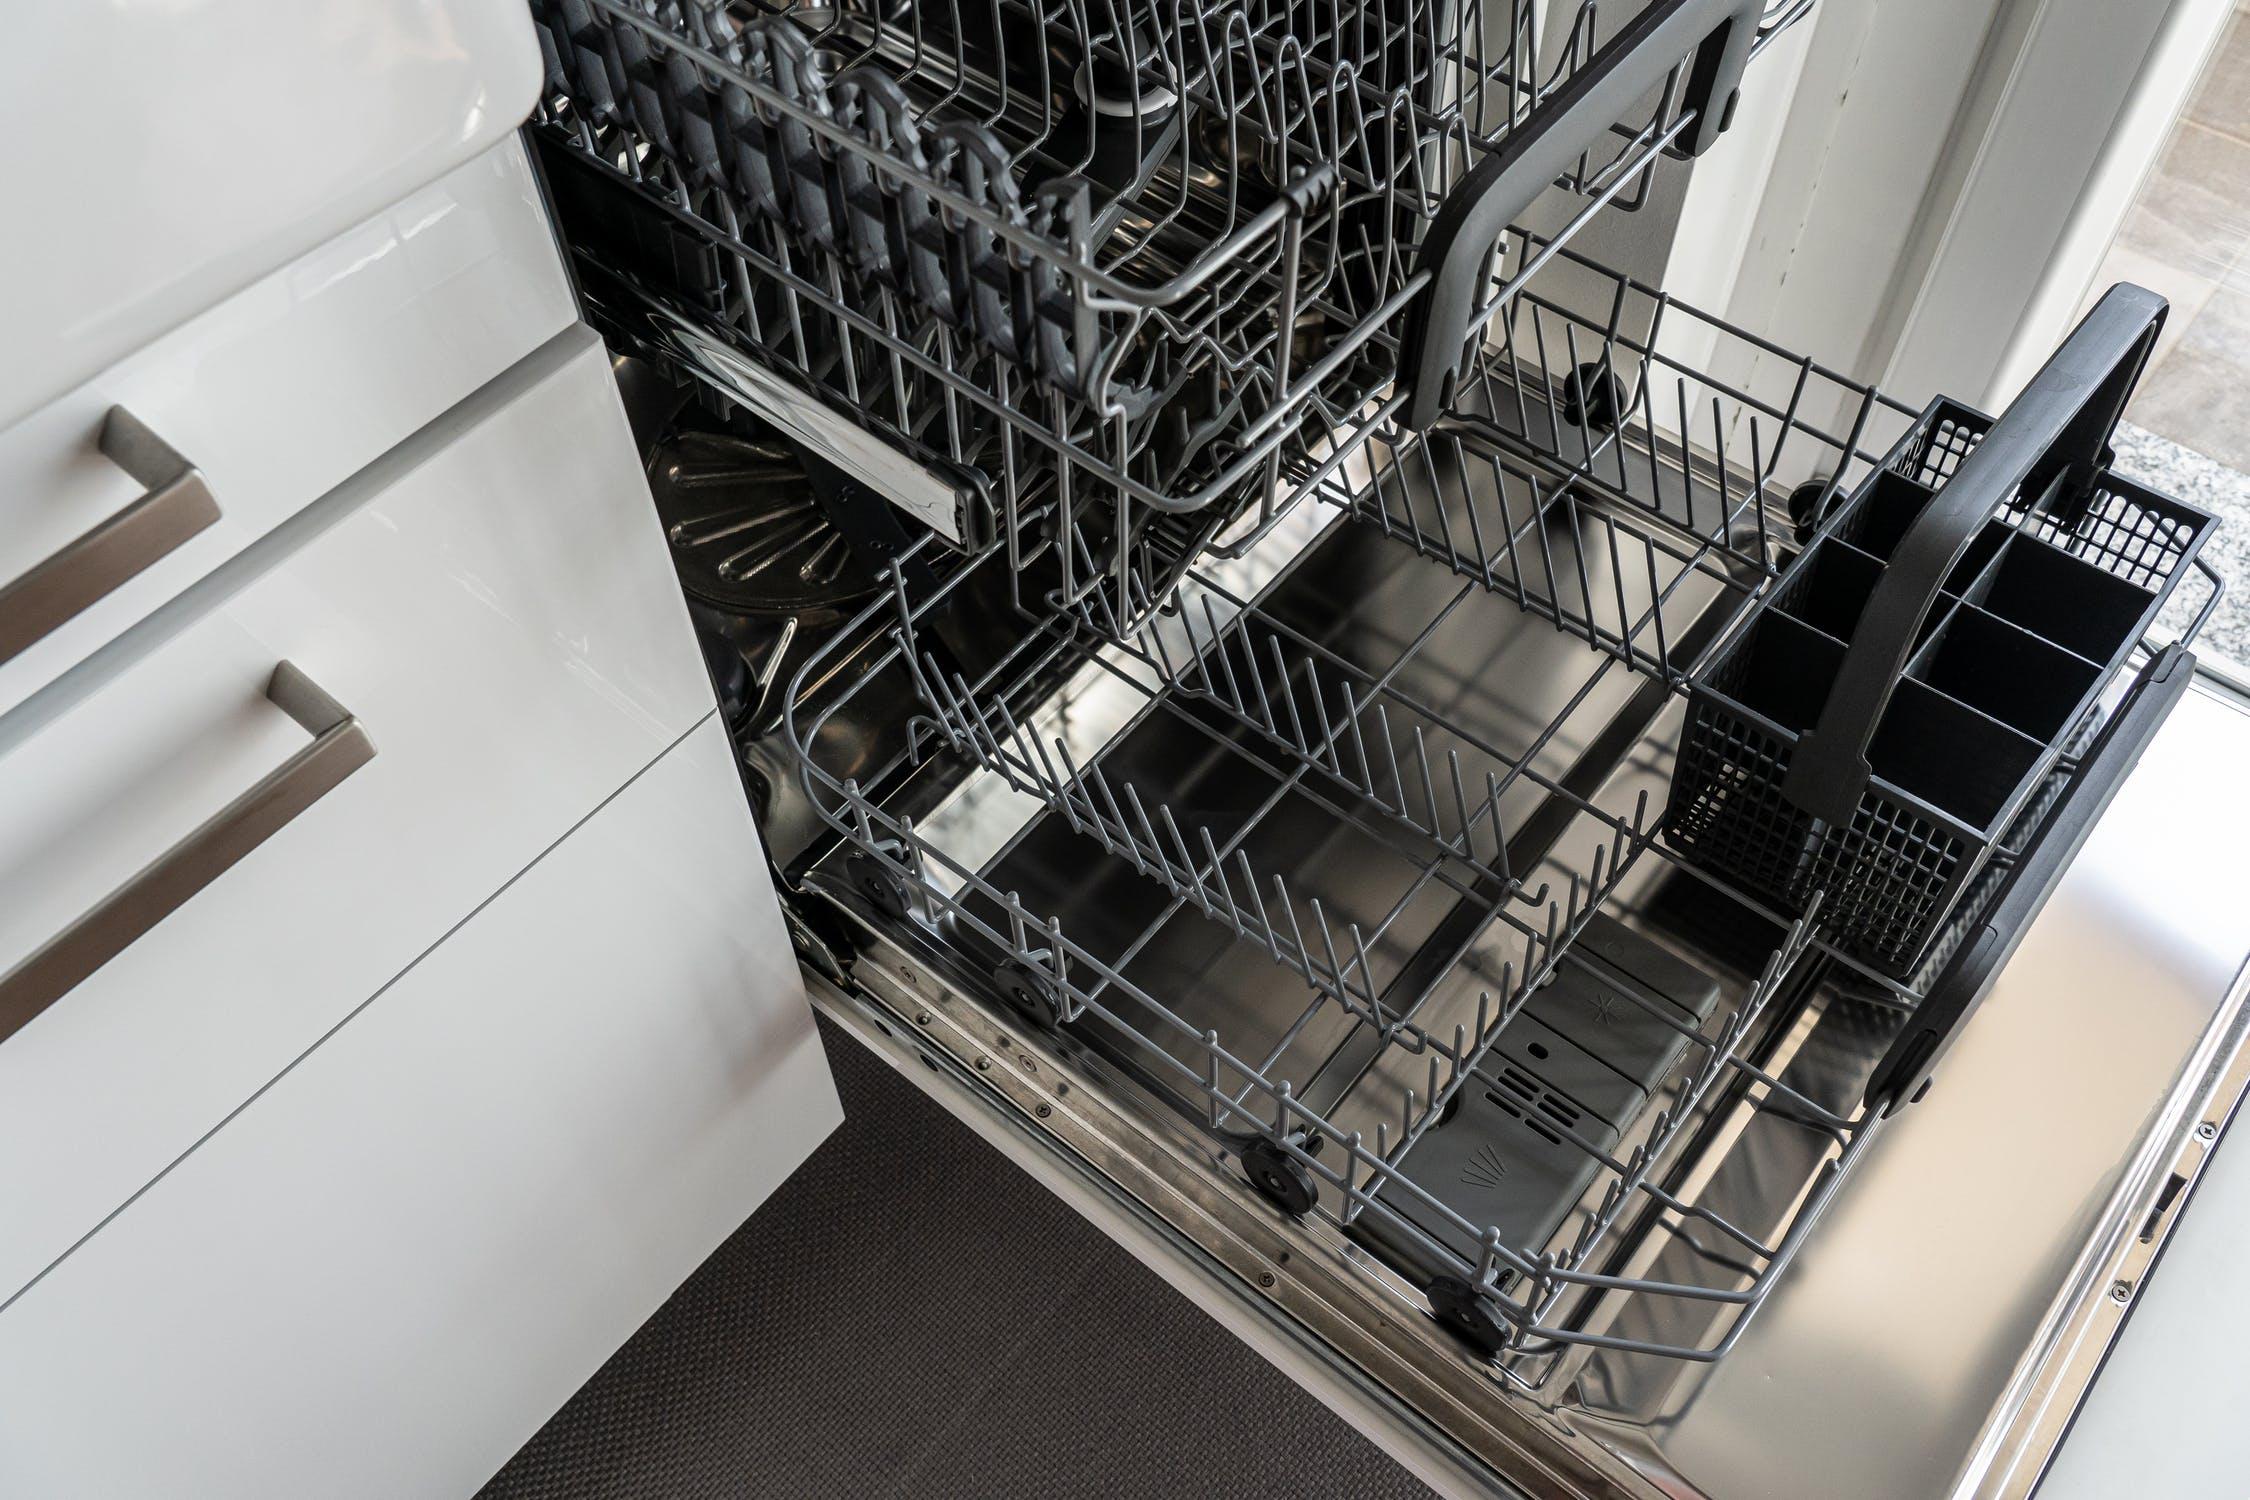 Ein Bild eines Geschirrspülmaschine